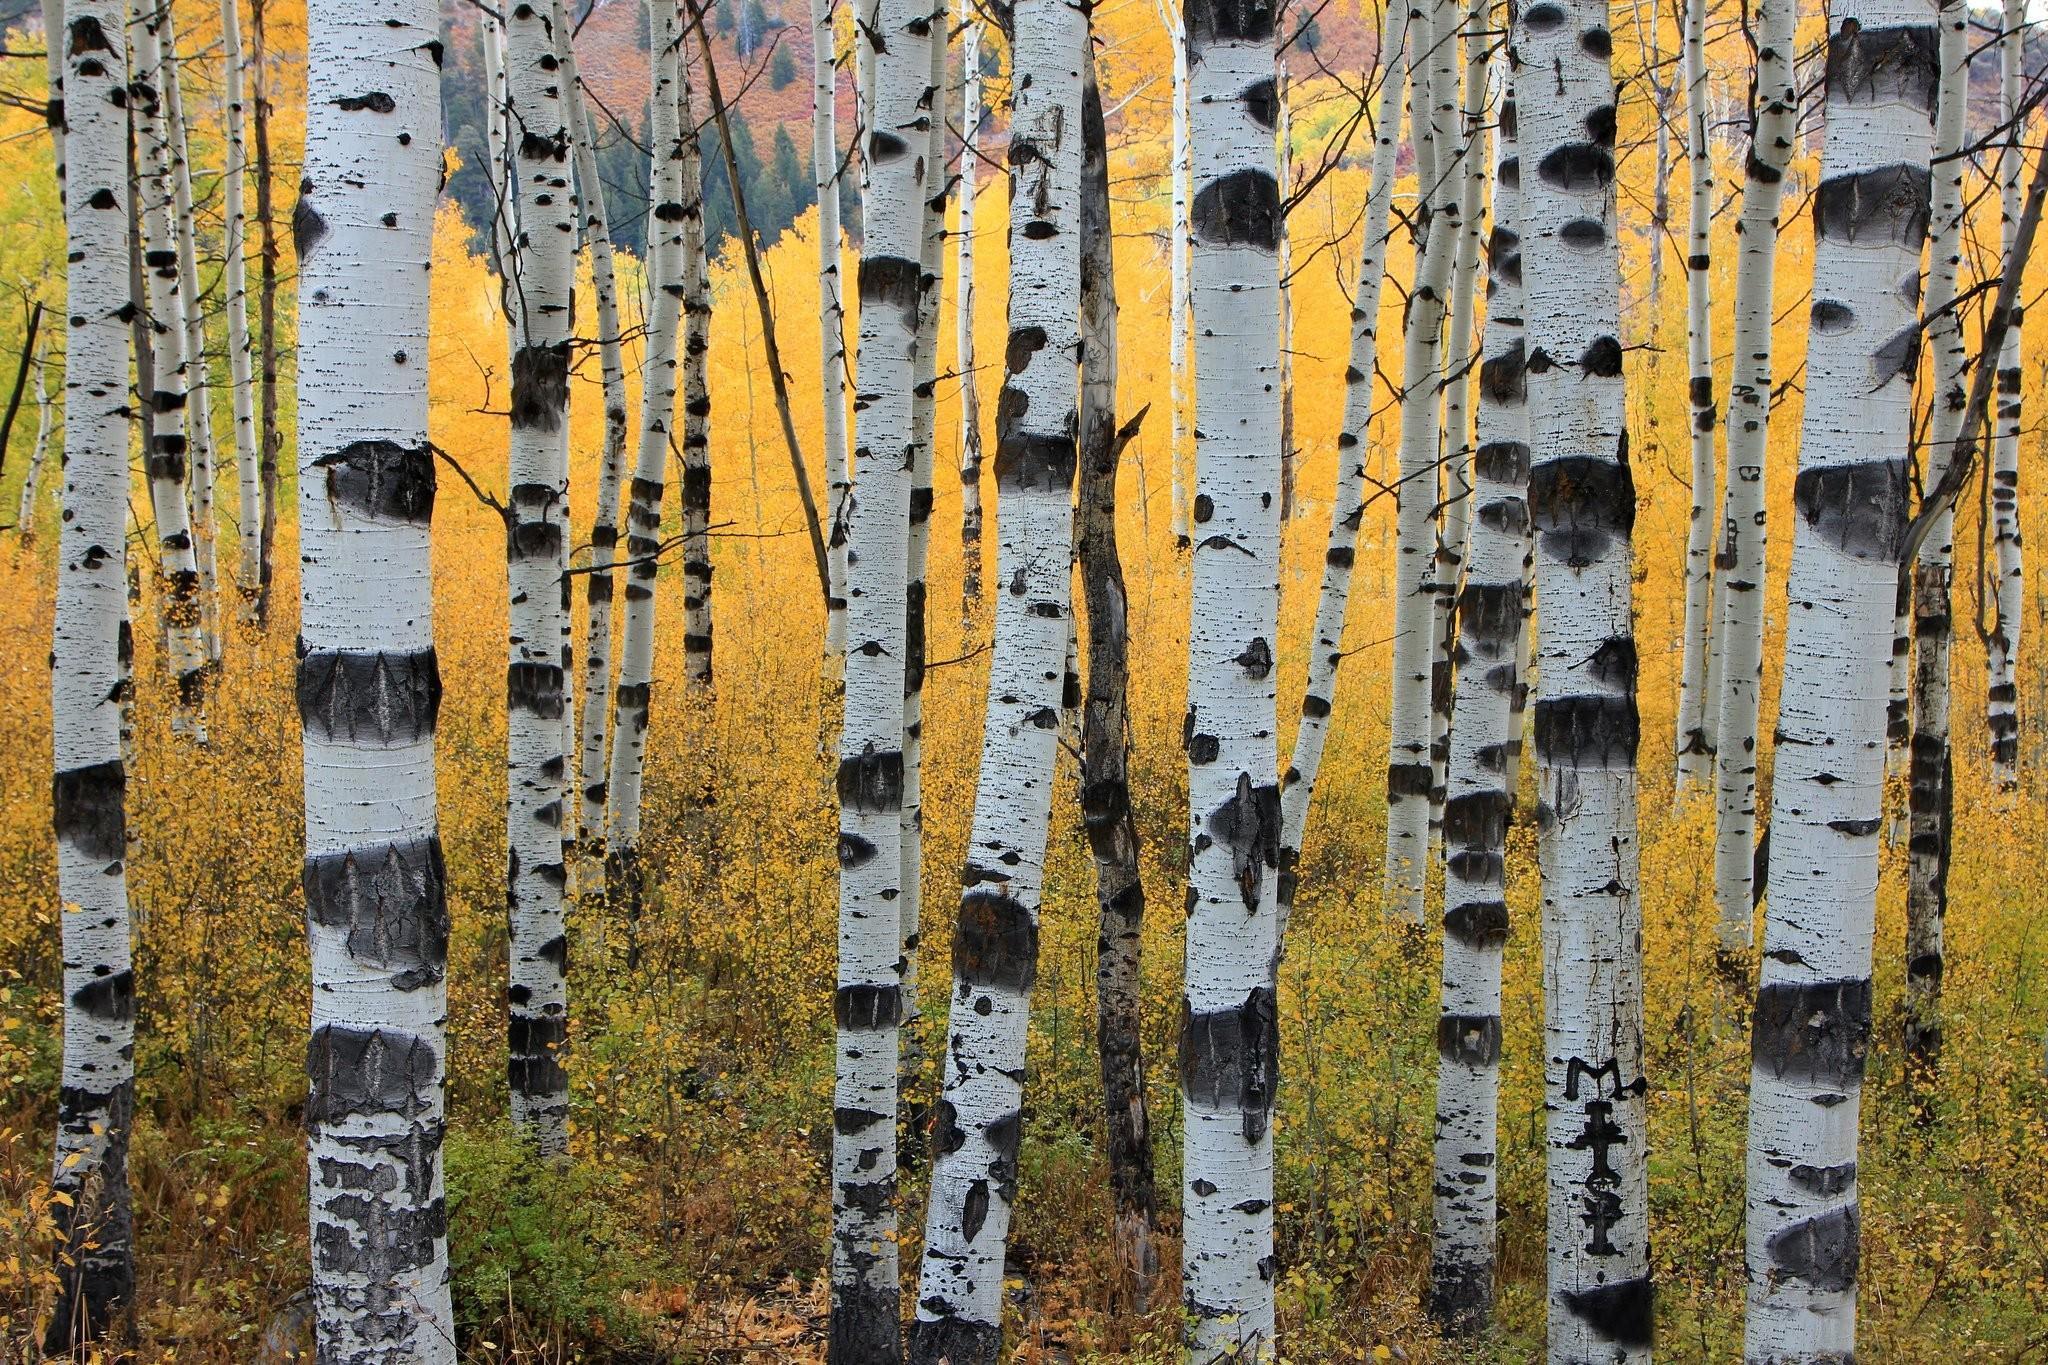 Aspen Tree Wallpaper 54 images 2048x1365